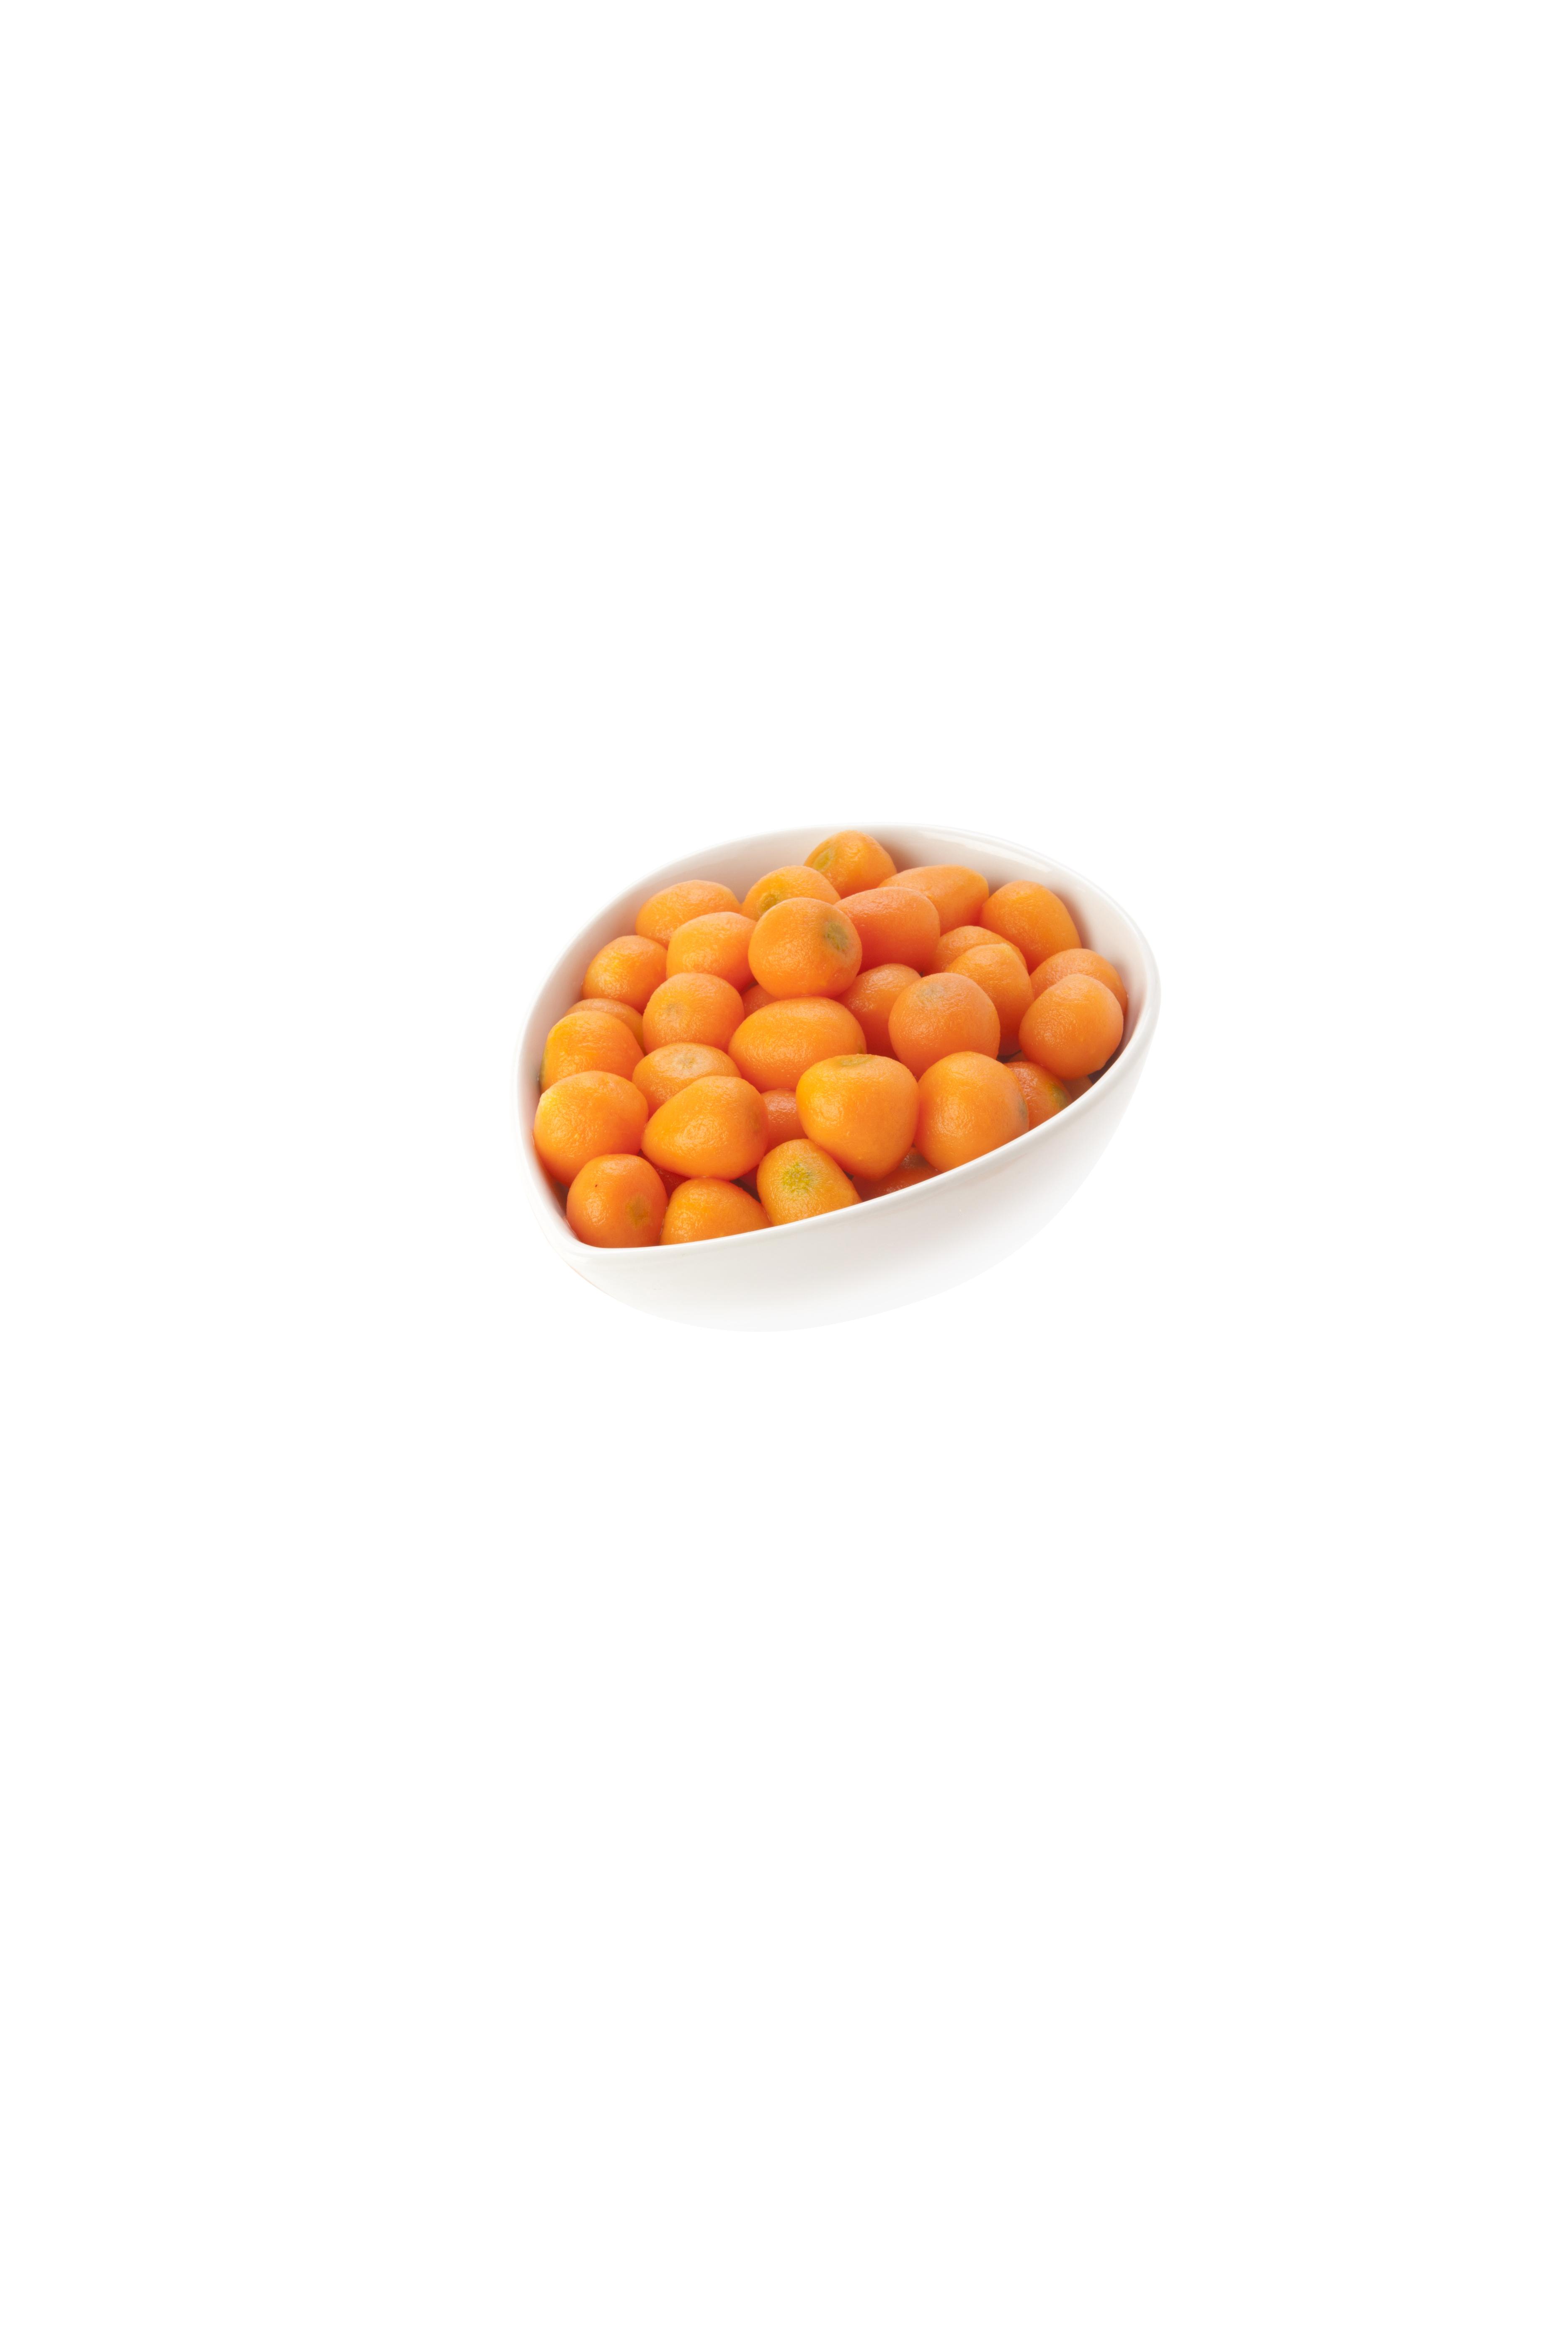 Tifa Quality Pariser Karotten klein 18/22 2500 g